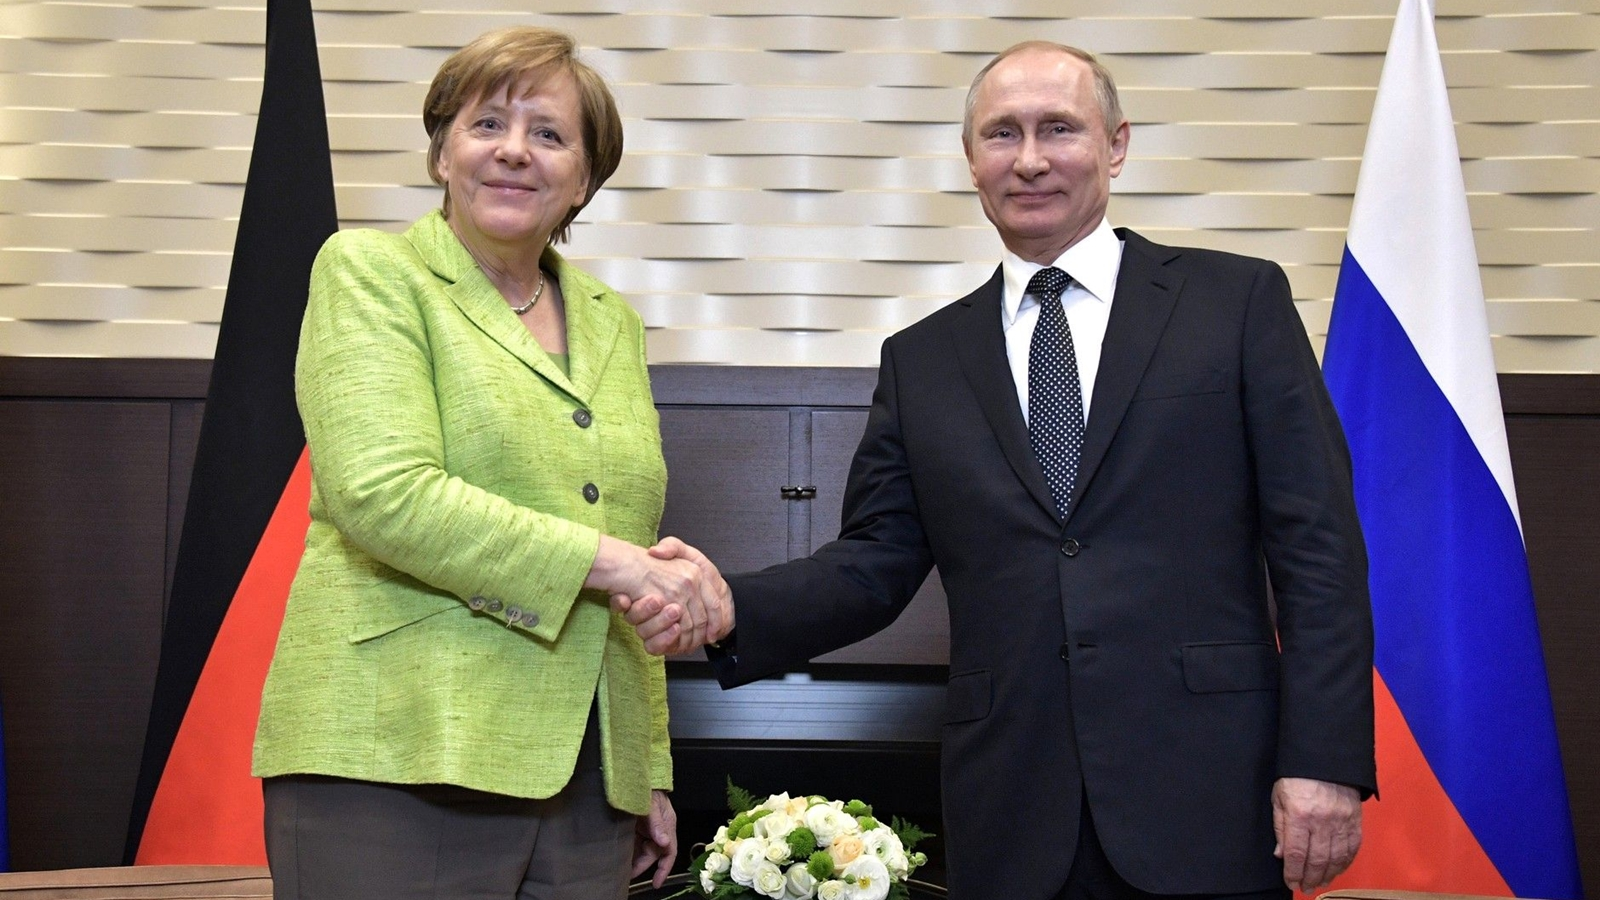 ANÁLISIS | La conflictiva agenda en el encuentro de Merkel y Putin